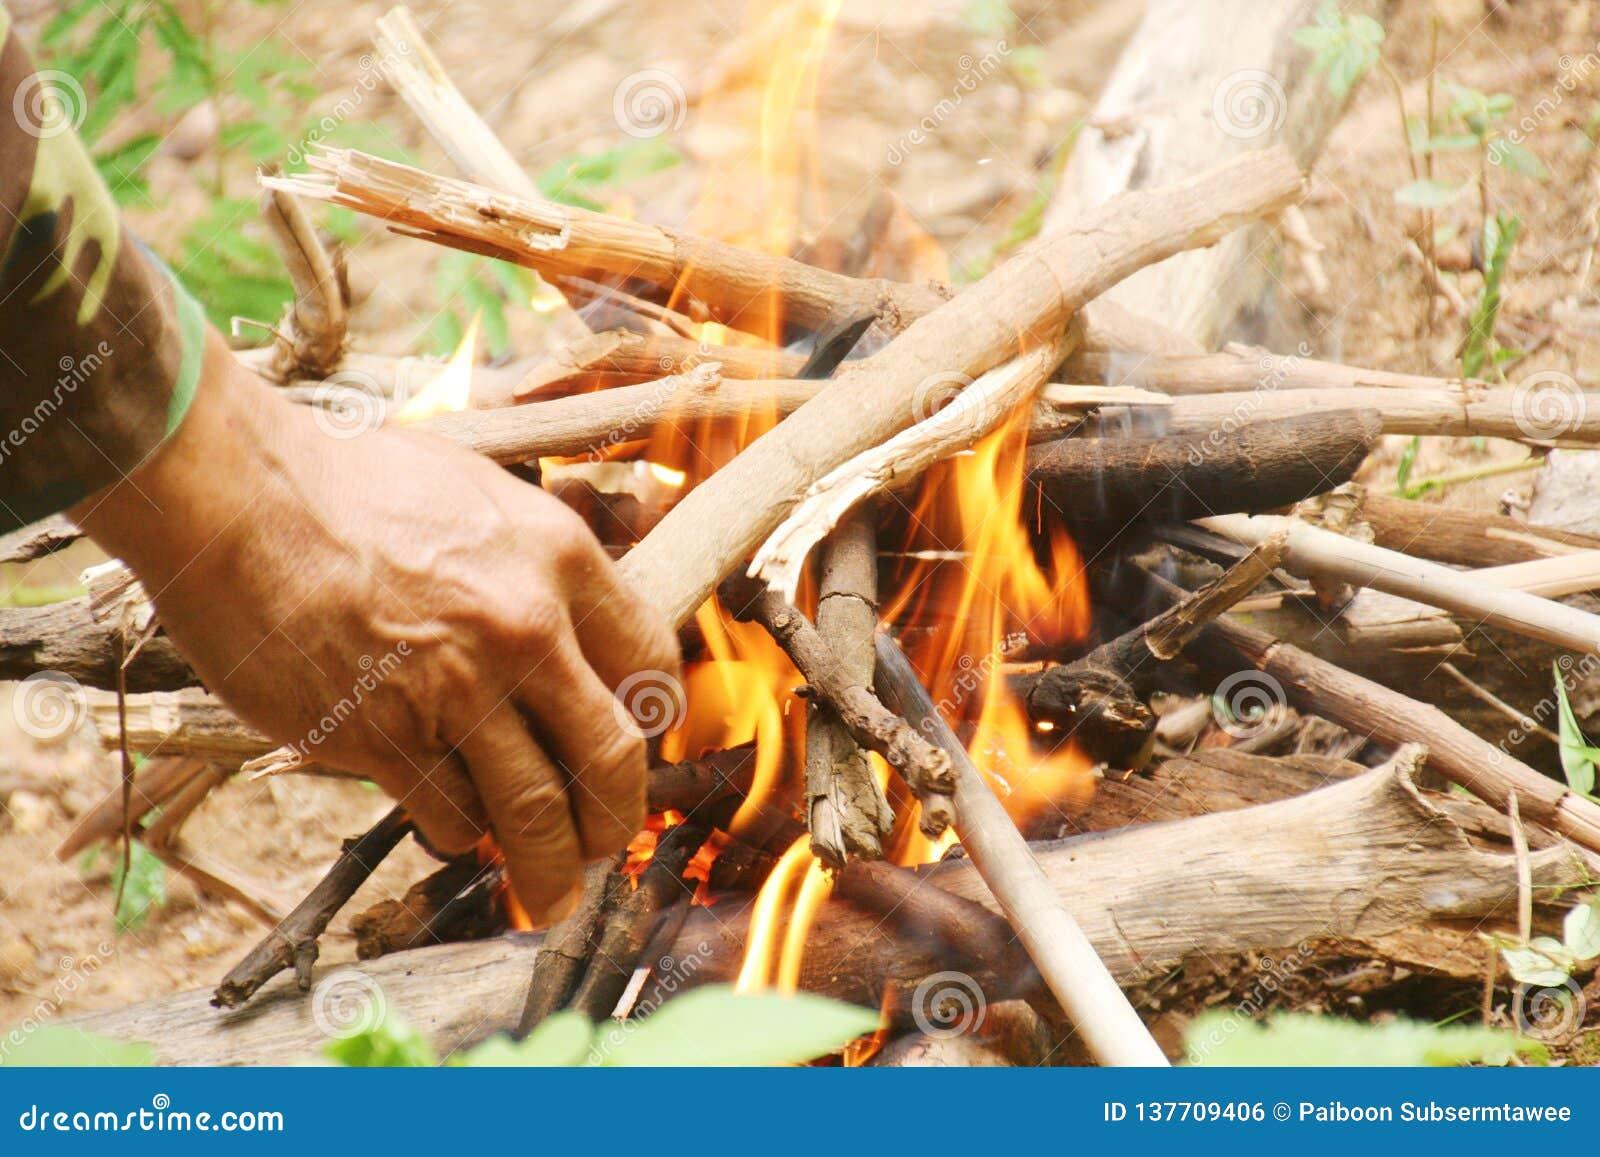 Legna da ardere messa nel fuoco